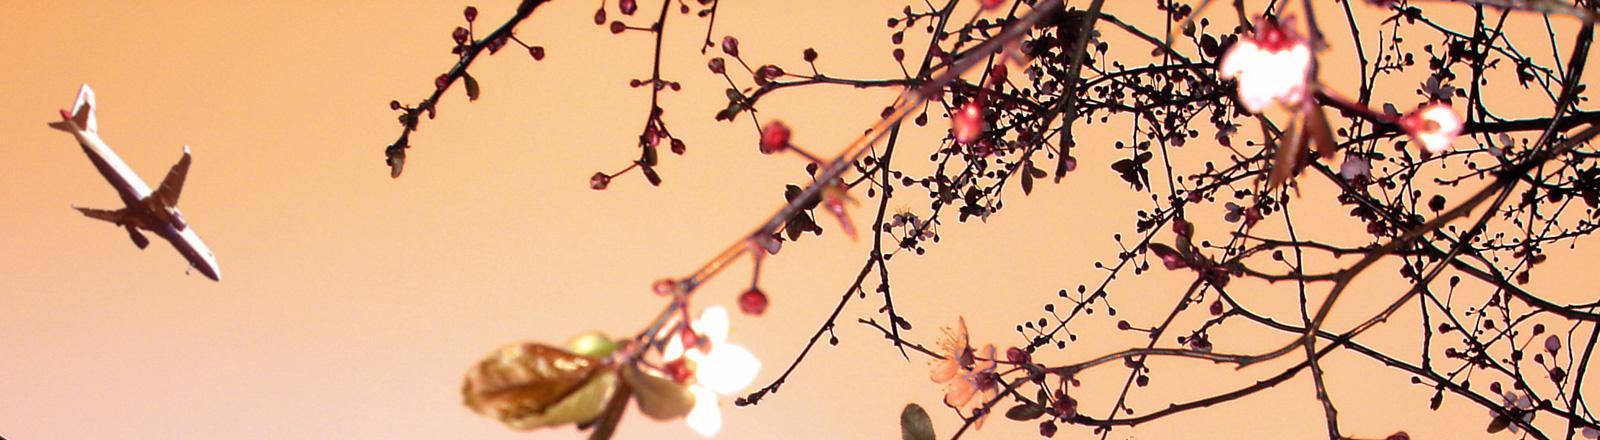 Ein Flugzeug am Himmel im Vordergrund Kirschblüten.